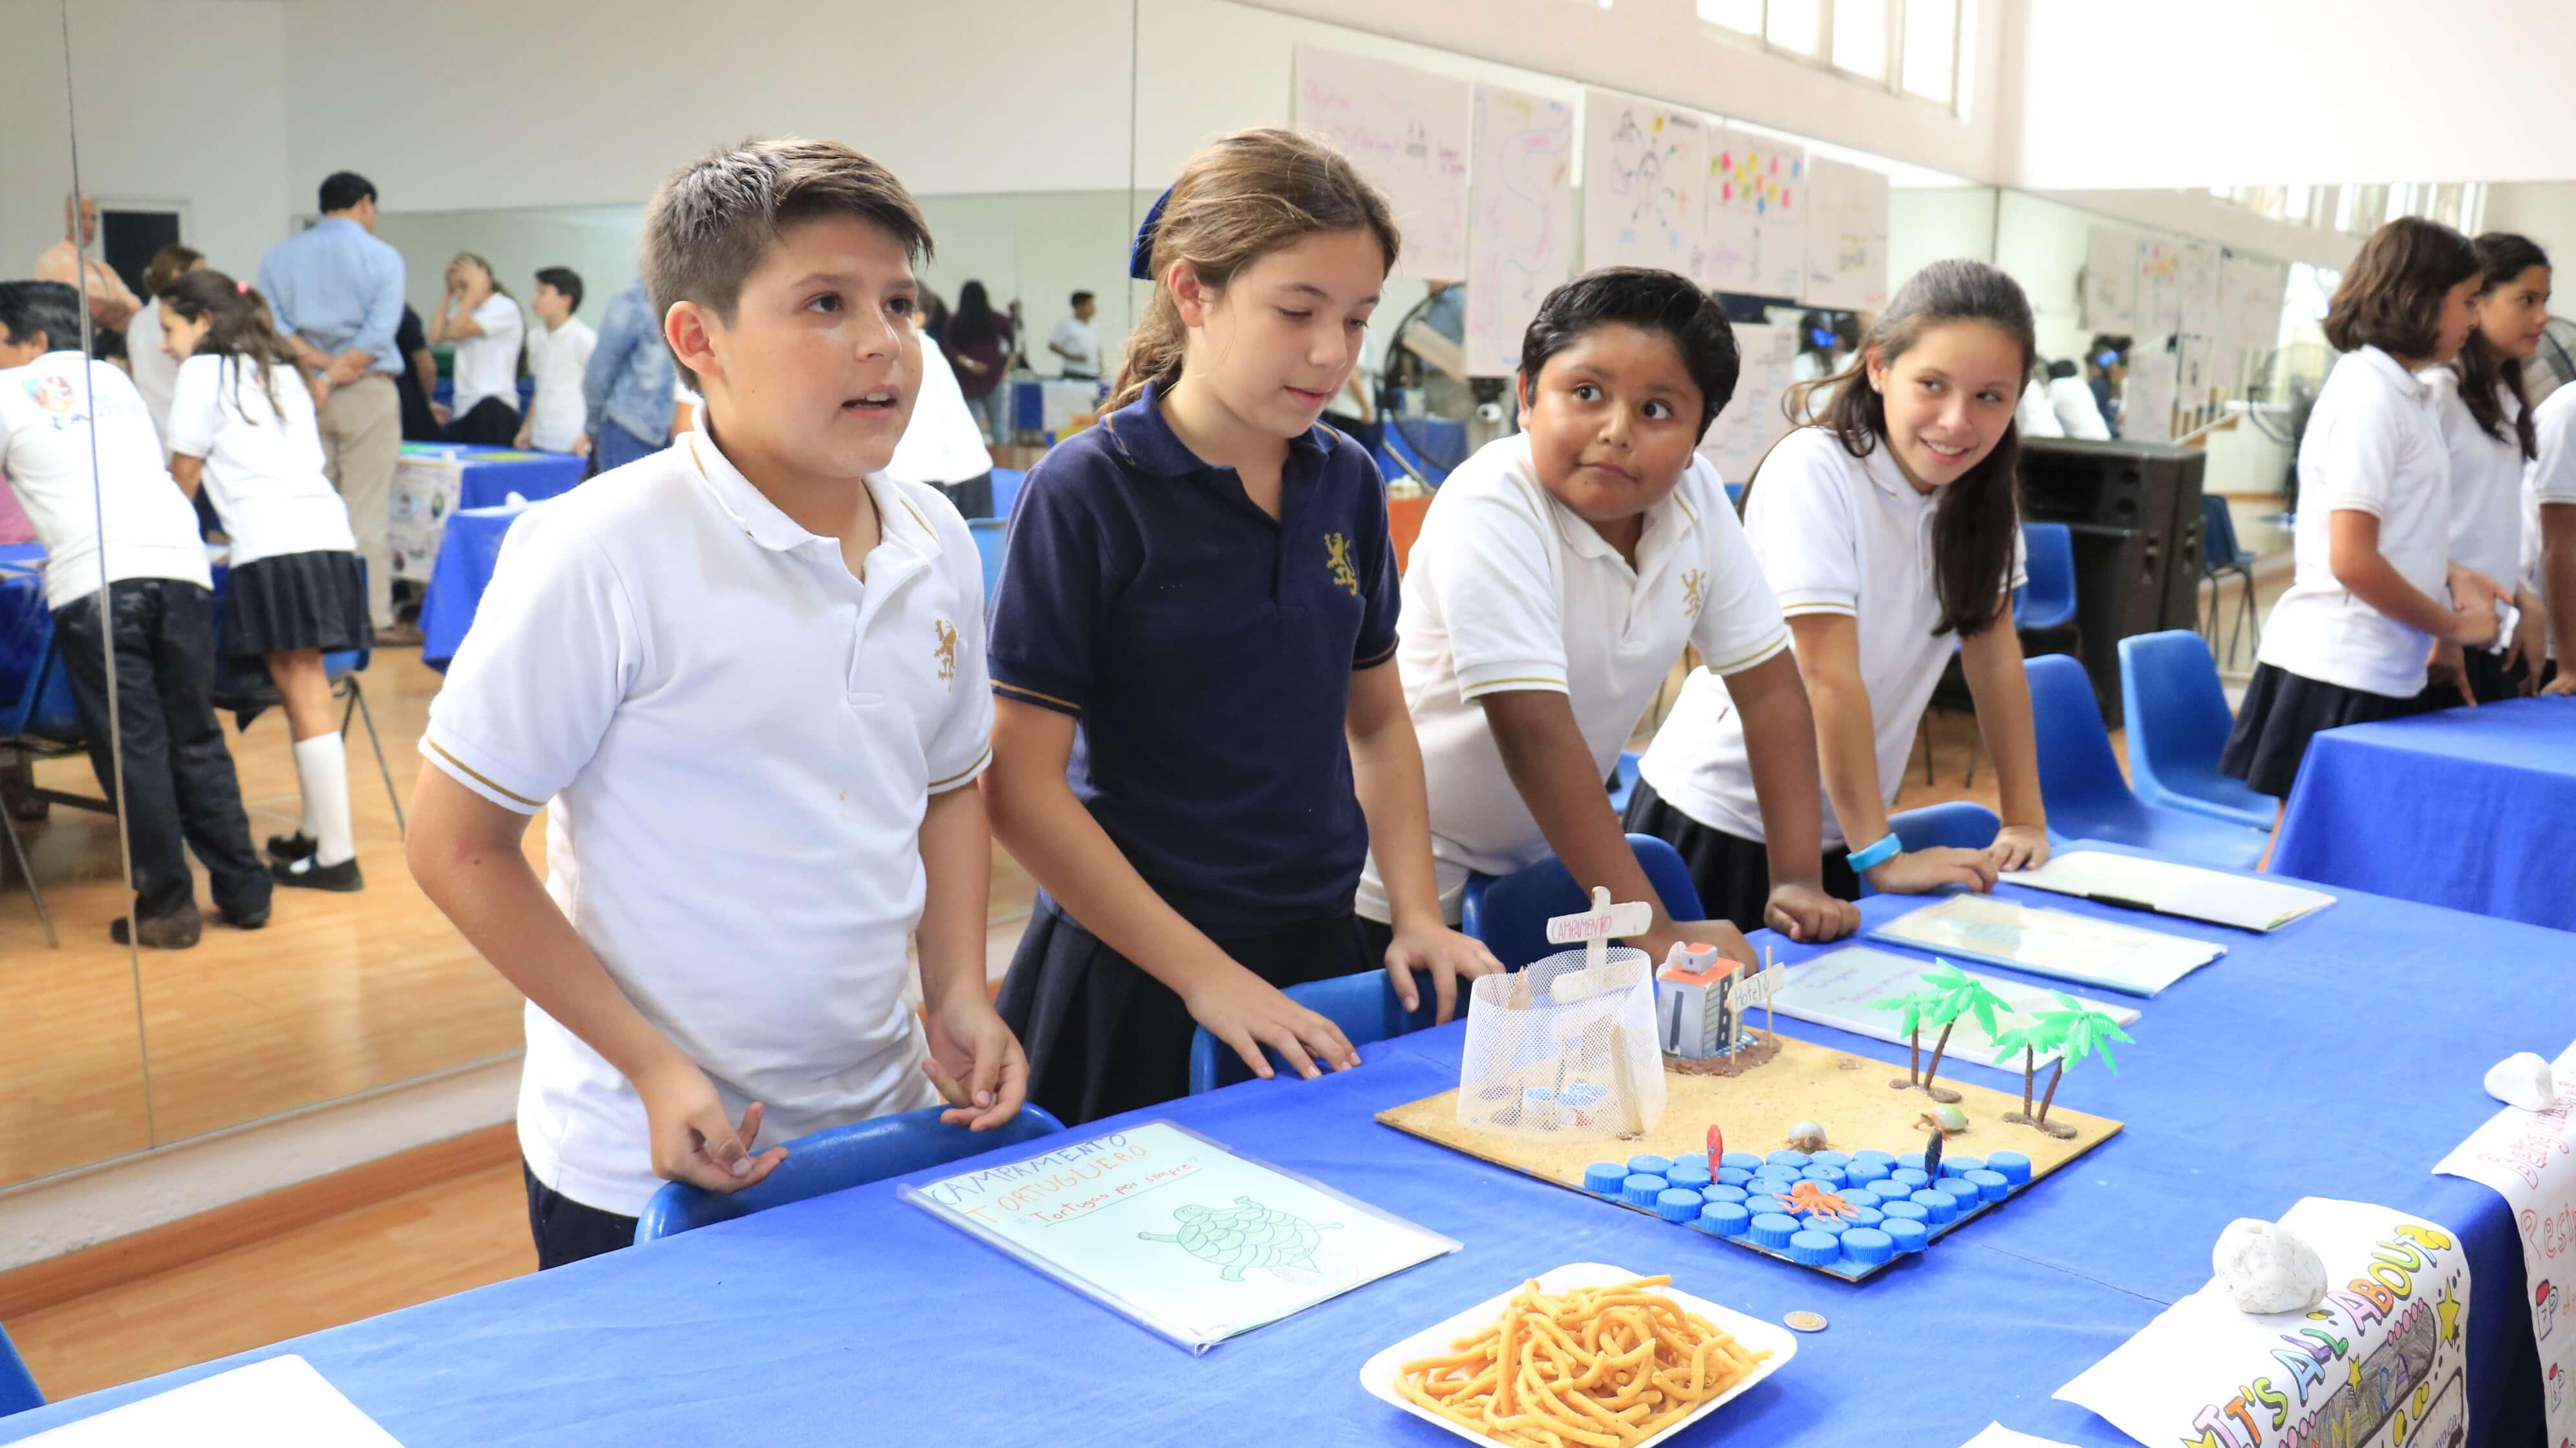 Blog-Imagen-que-es-educacion-inclusiva-como-ayudar-hijo-por-que-optar-como-funciona-educacion-primaria-bilingue-Colegio-Williams-de-Cuernavaca-Ago20-V1